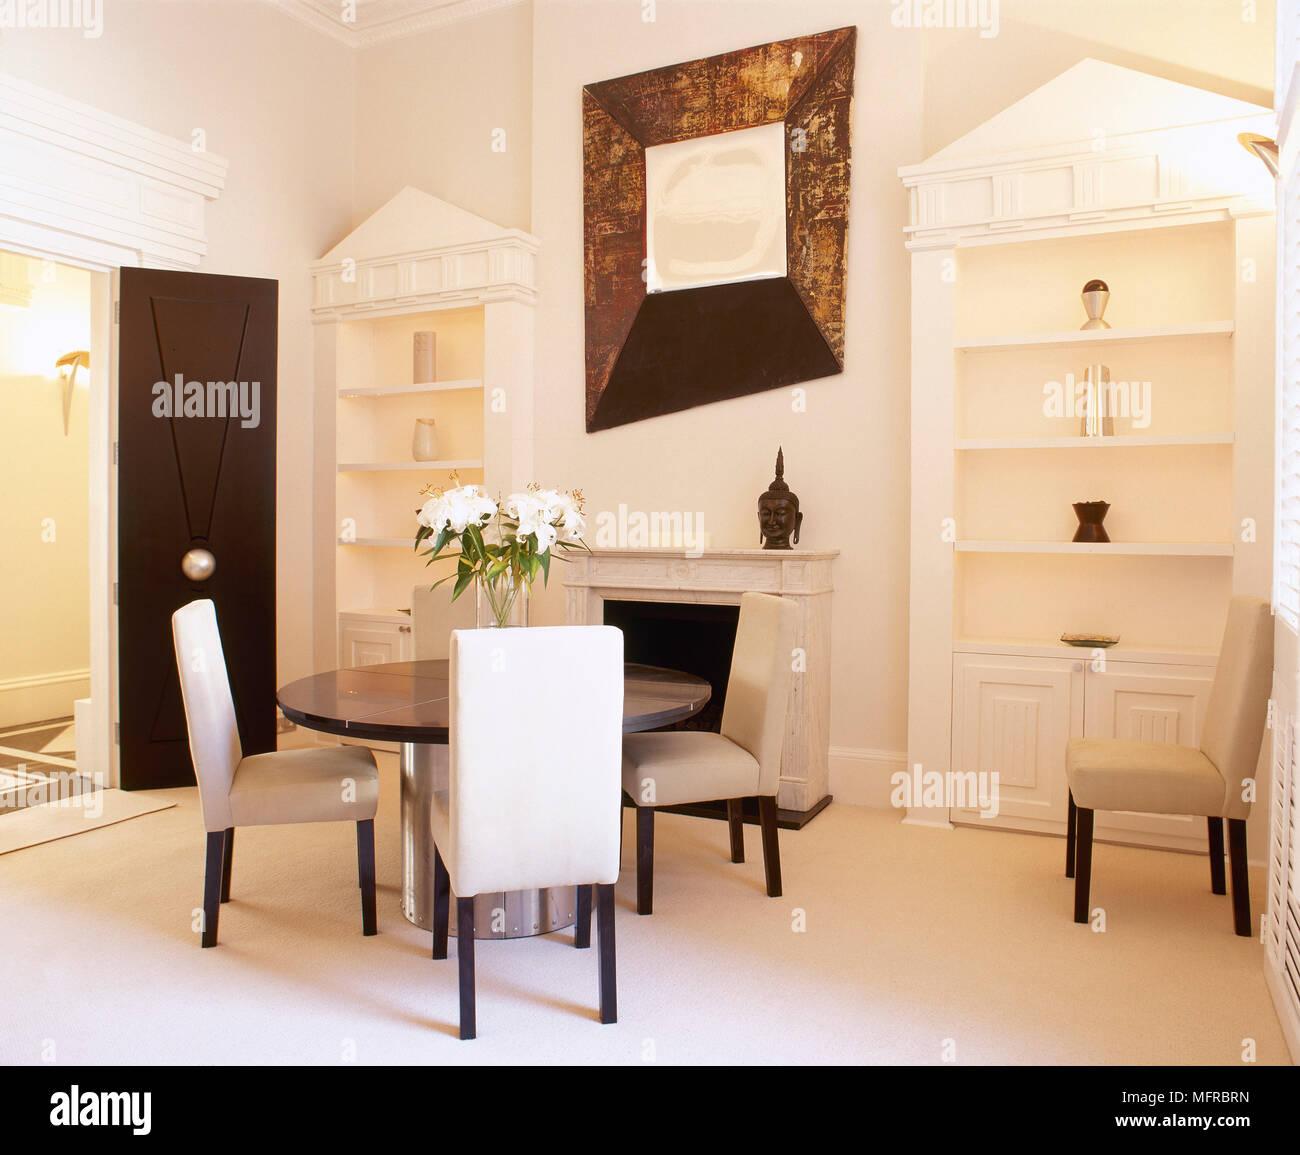 Esszimmer Mit Architektonischen Vitrinen Kamin Gepolsterten